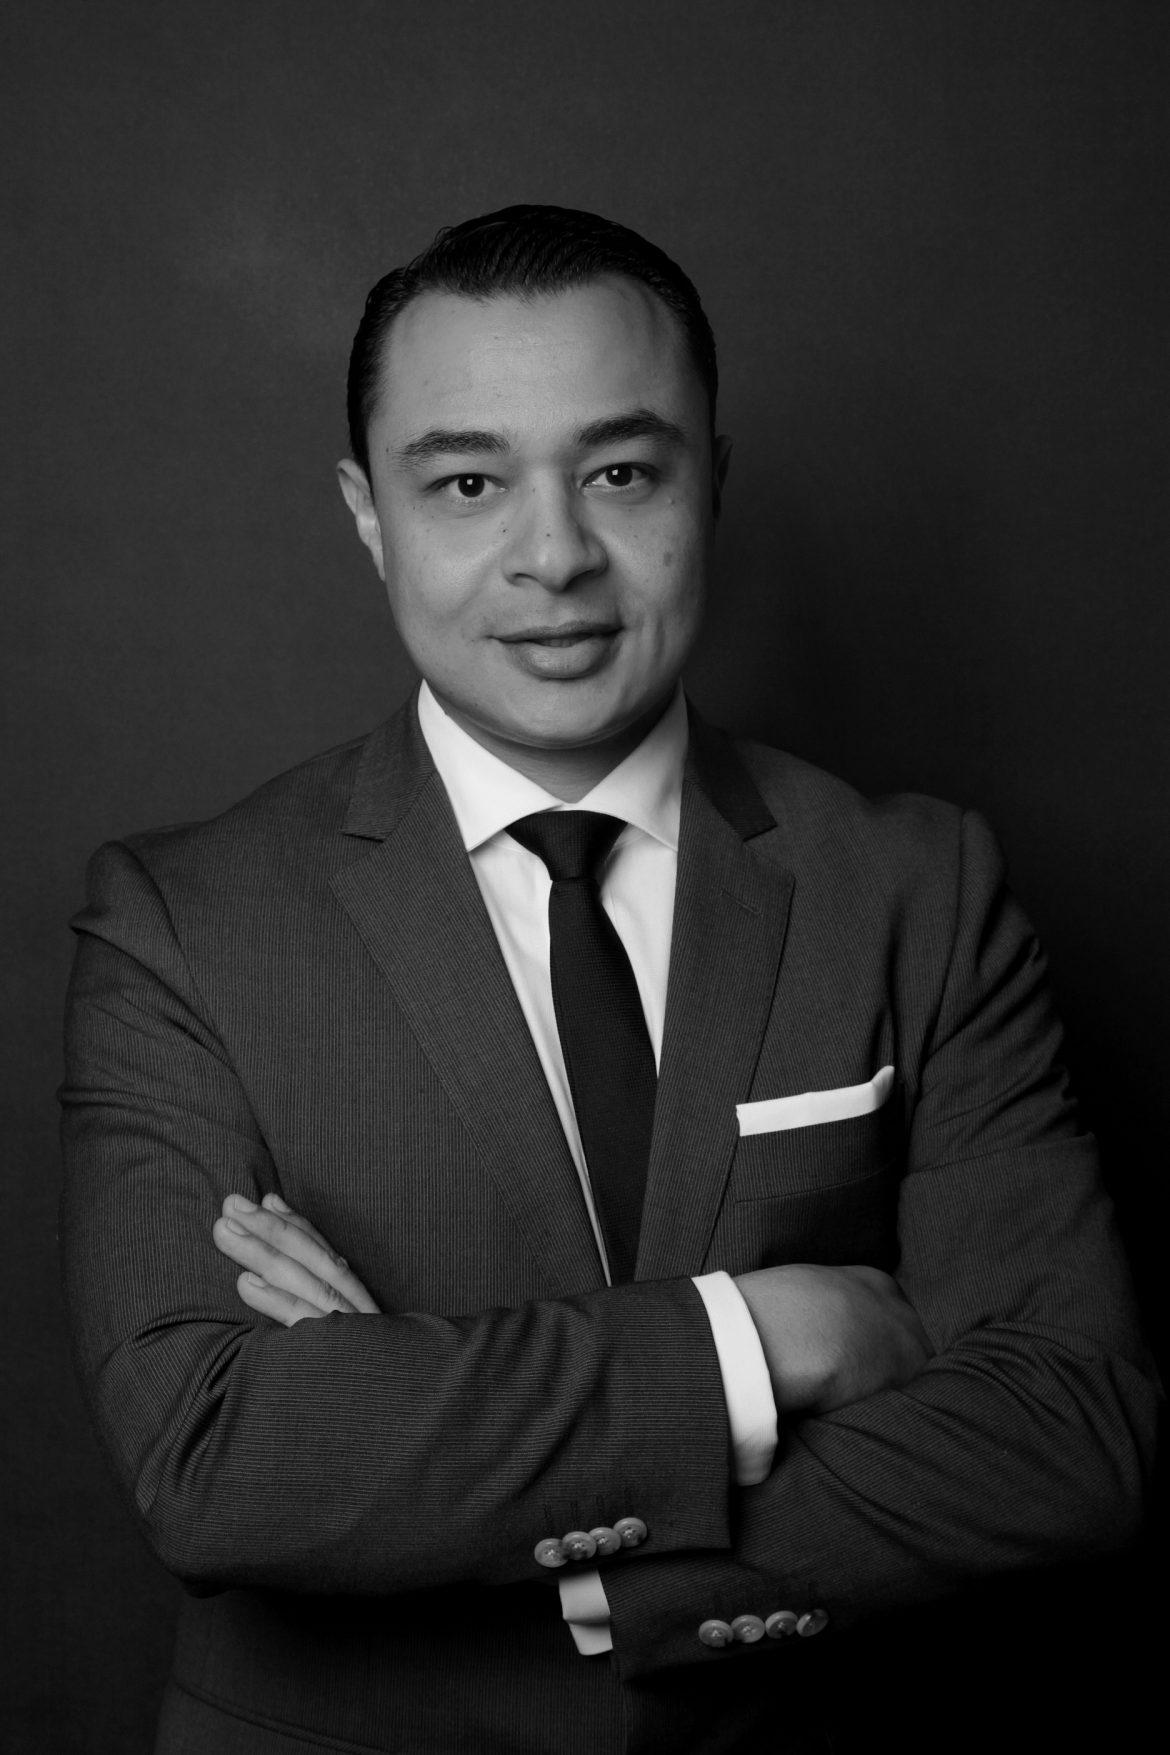 السيد أحمد النواوي مدير فندق وشقق العنوان فاونتن فيوز بدبي